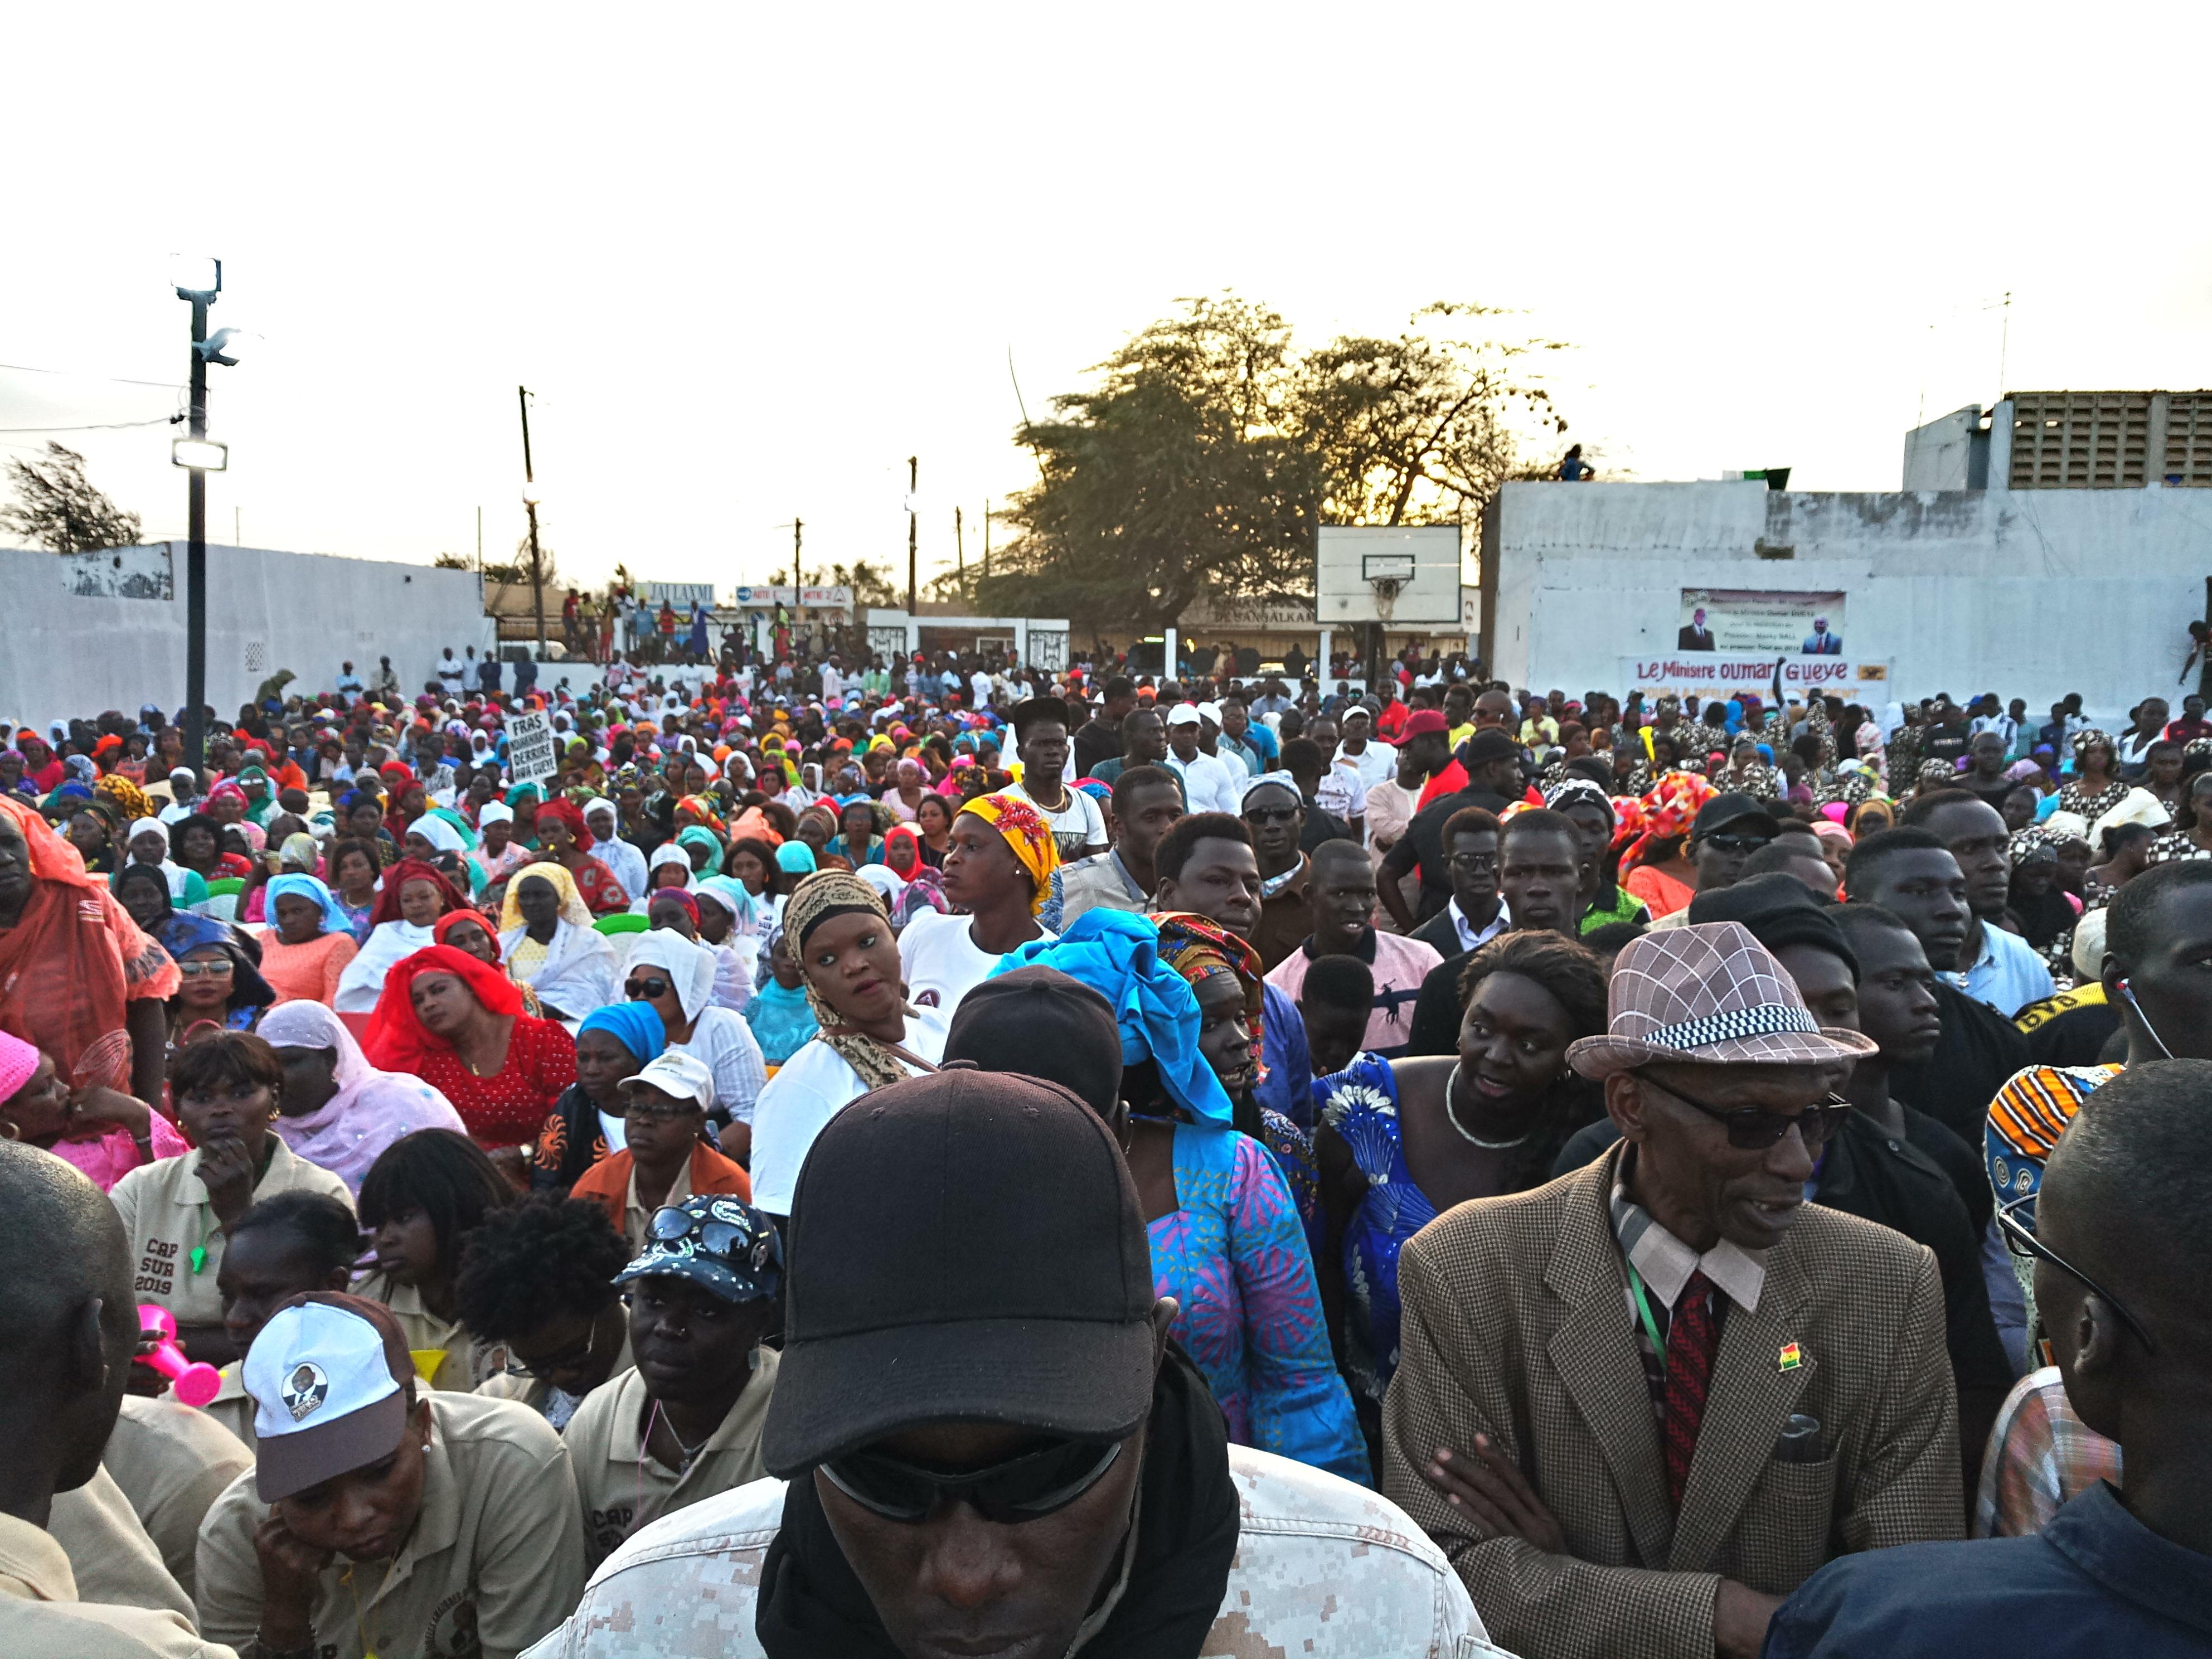 Assemblée générale à Rufisque  : Oumar Guèye mobilise tous les responsables de l'APR pour la réélection de Macky Sall au premier tour